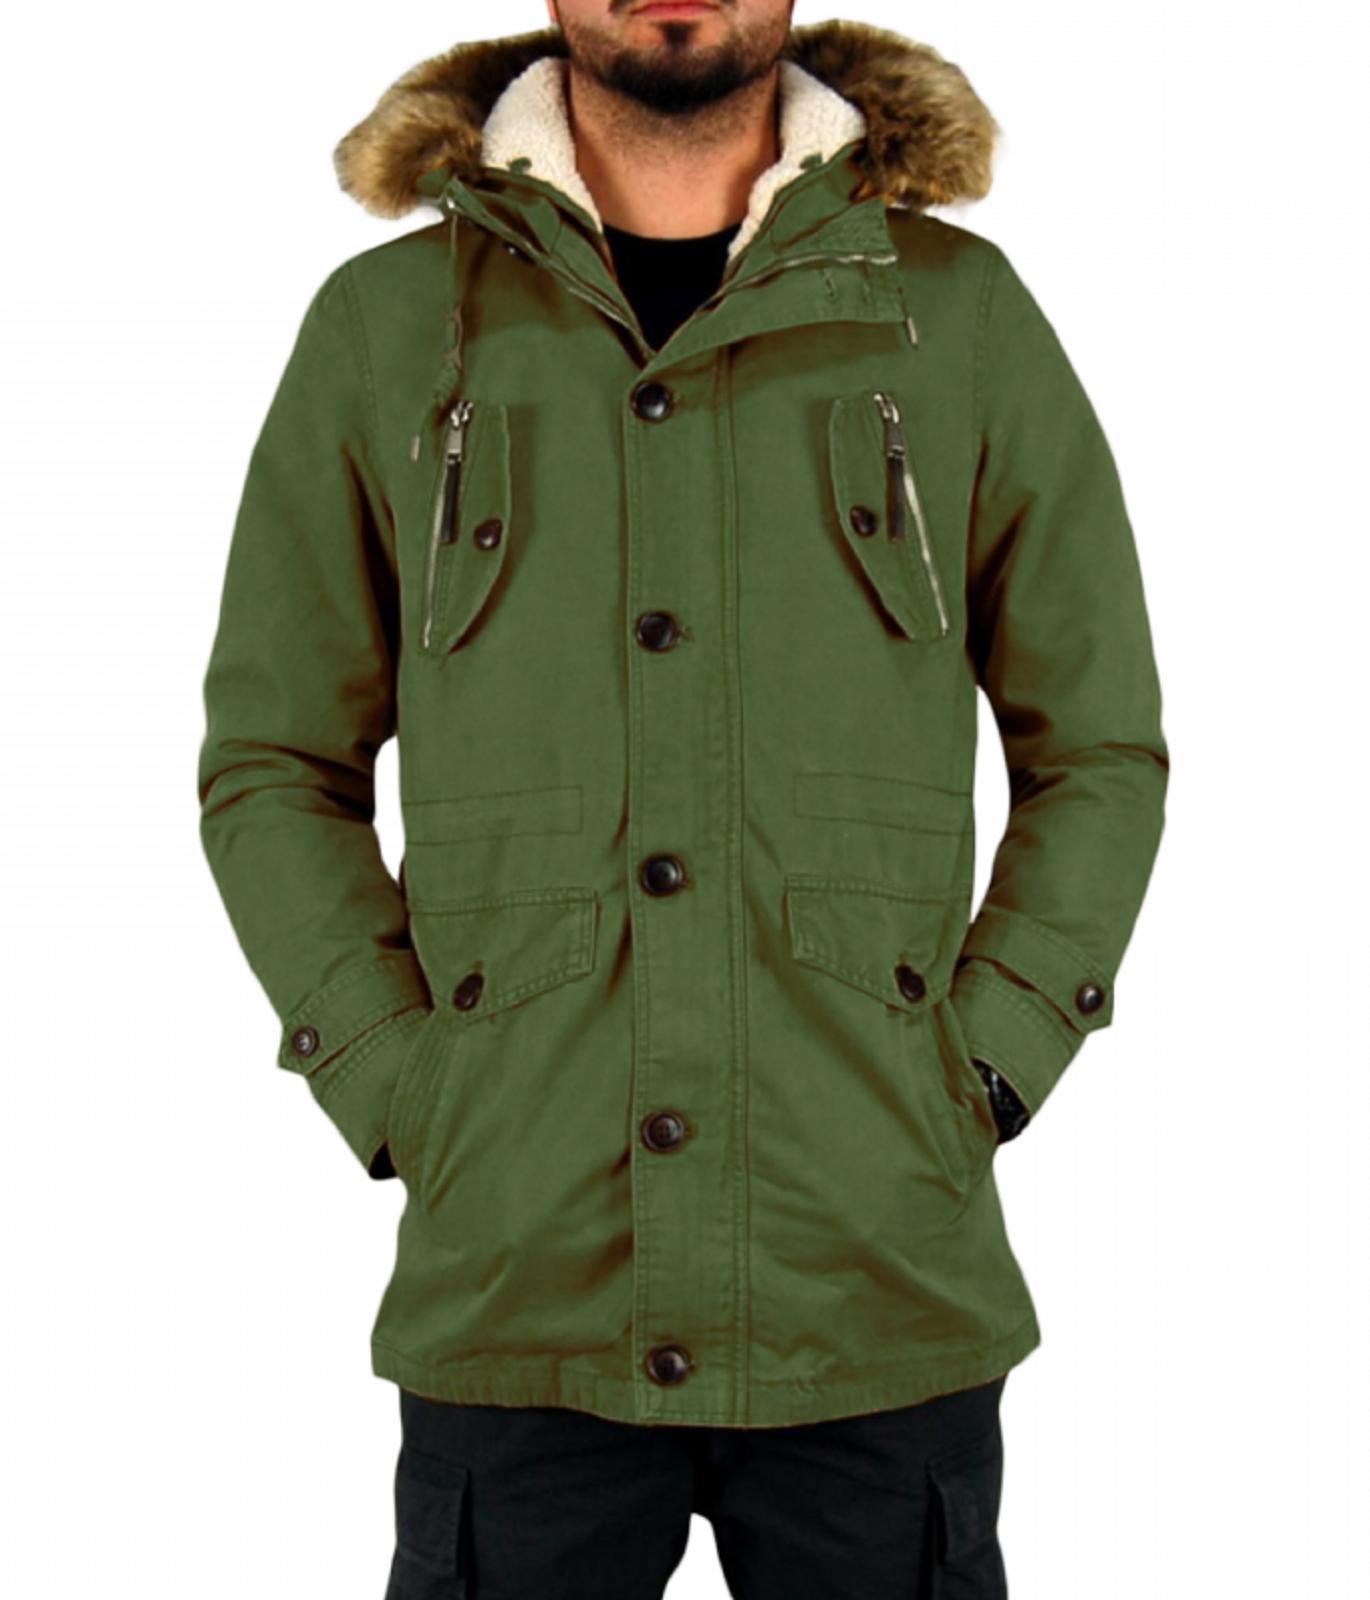 Giubbotto-Parka-Uomo-Invernale-Sfoderabile-pelliccia-cappuccio-lungo-verde miniatura 21